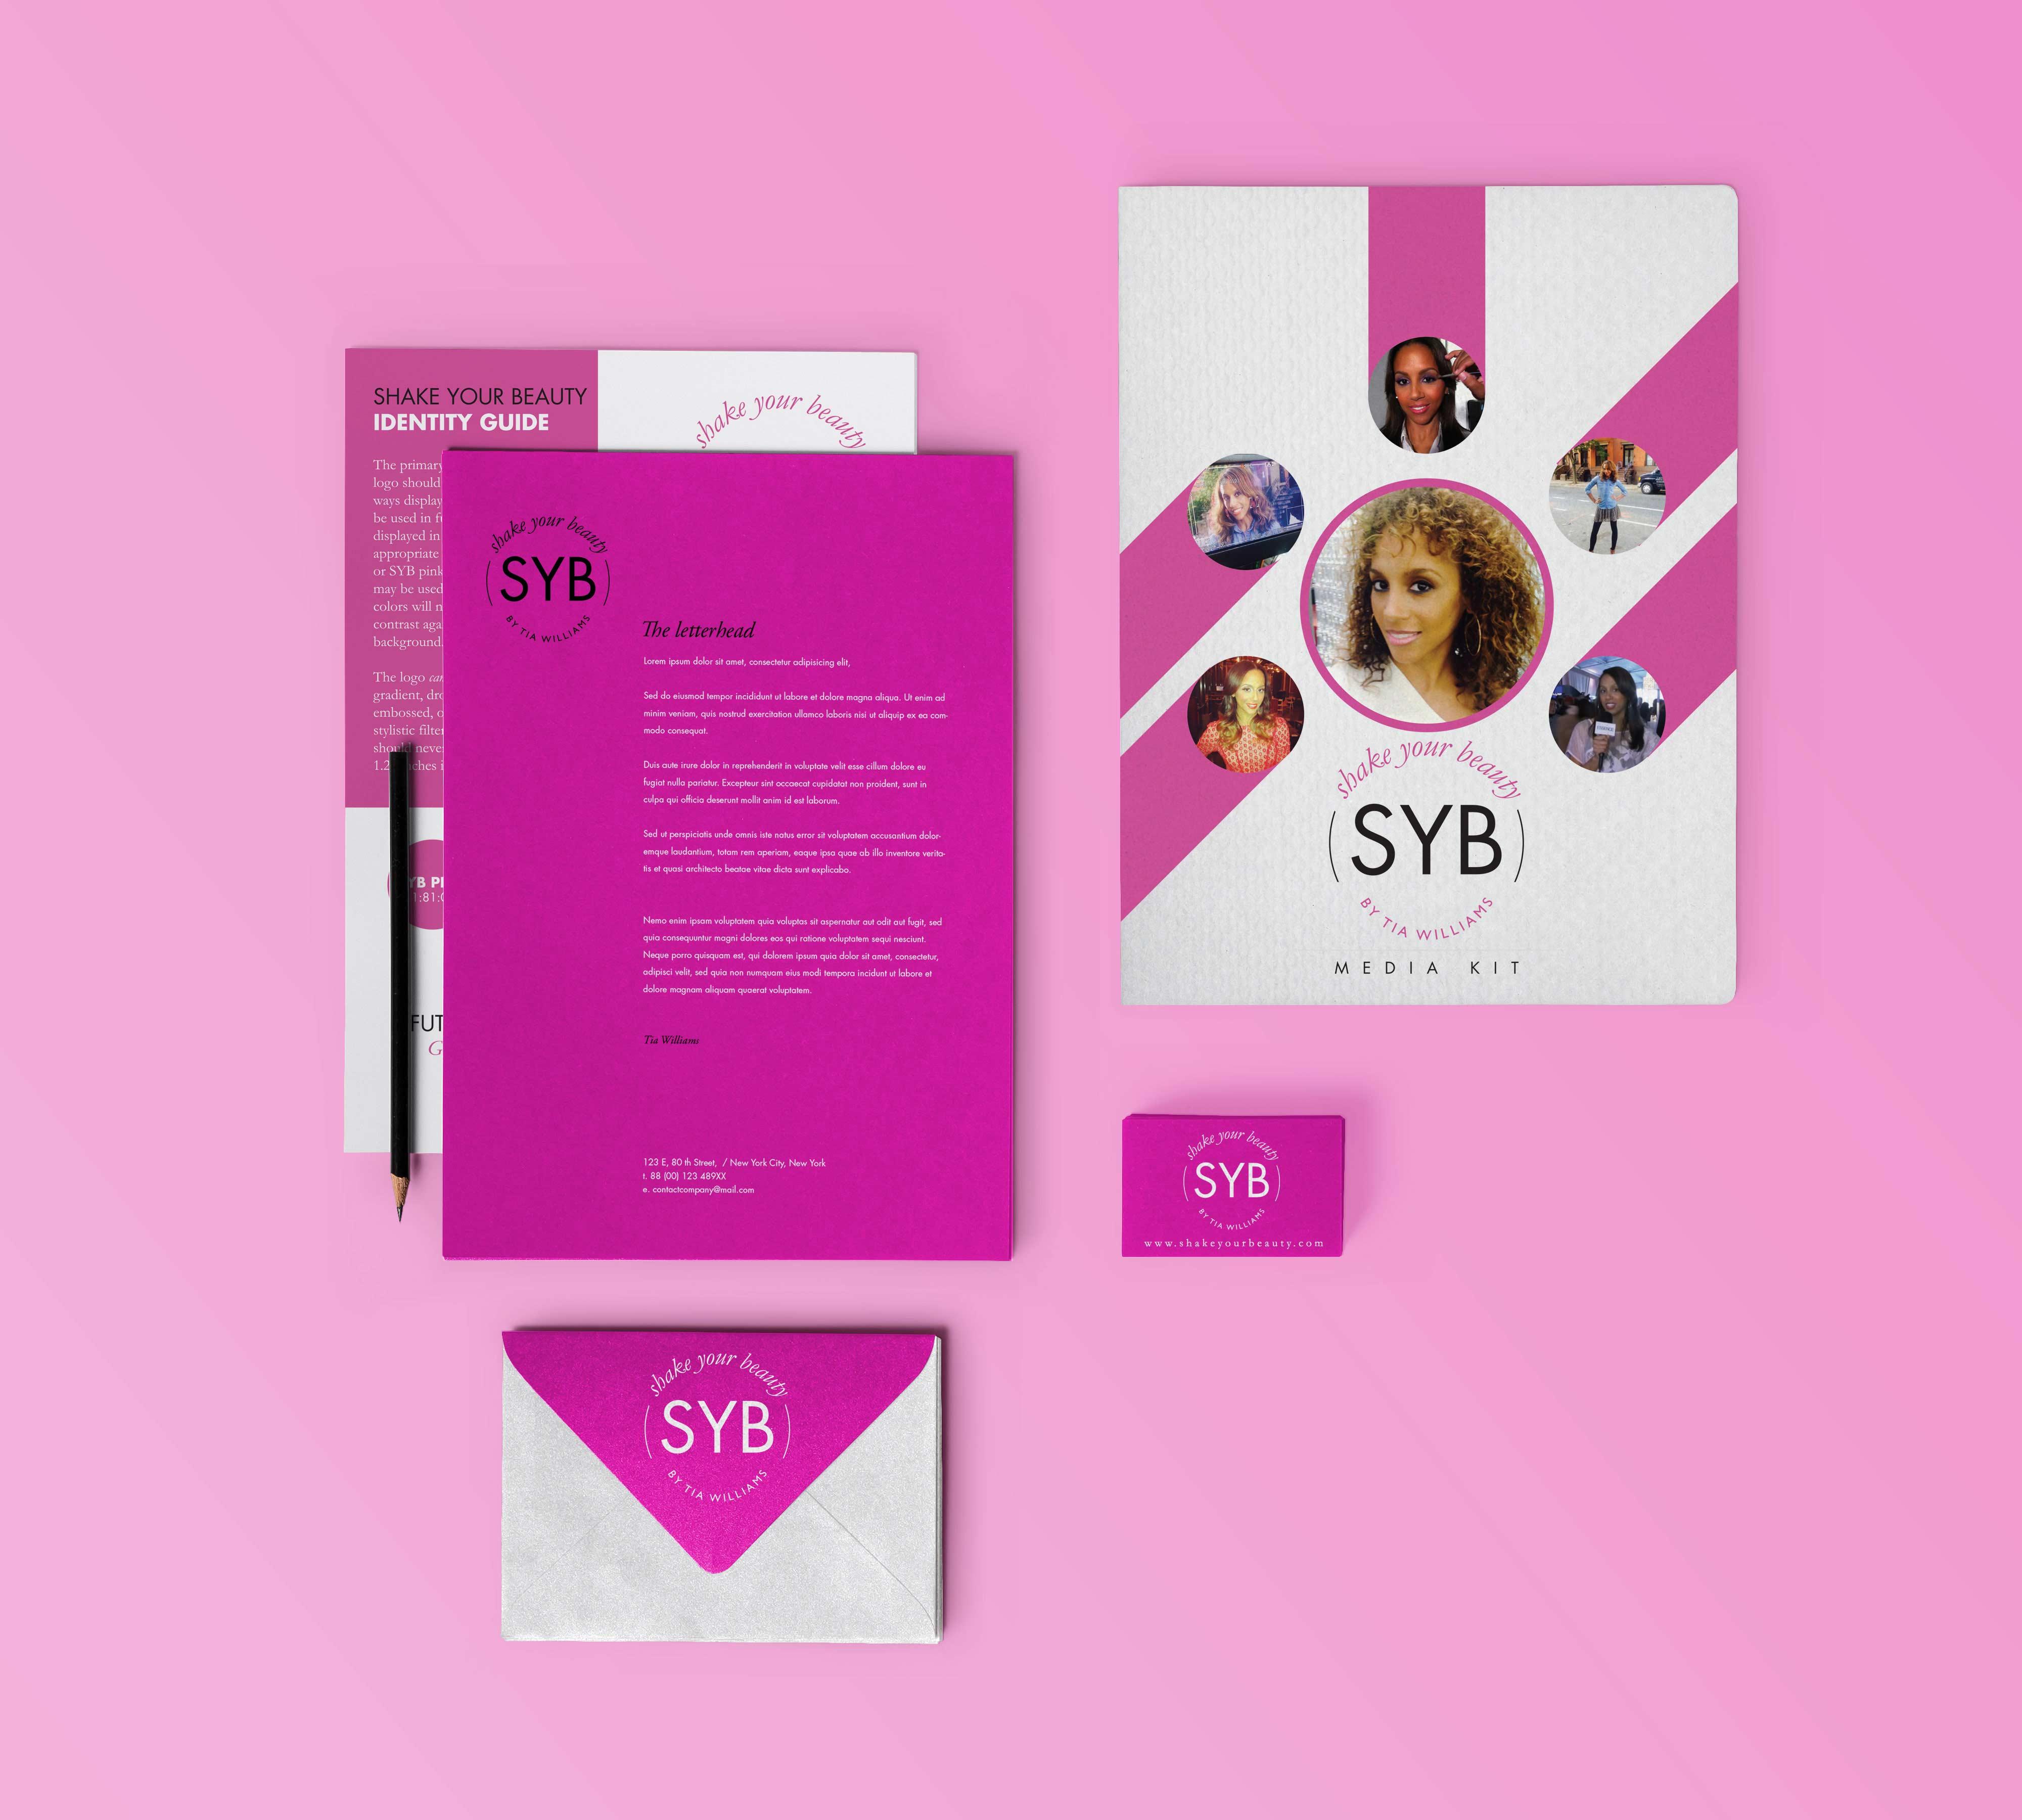 syb-identity